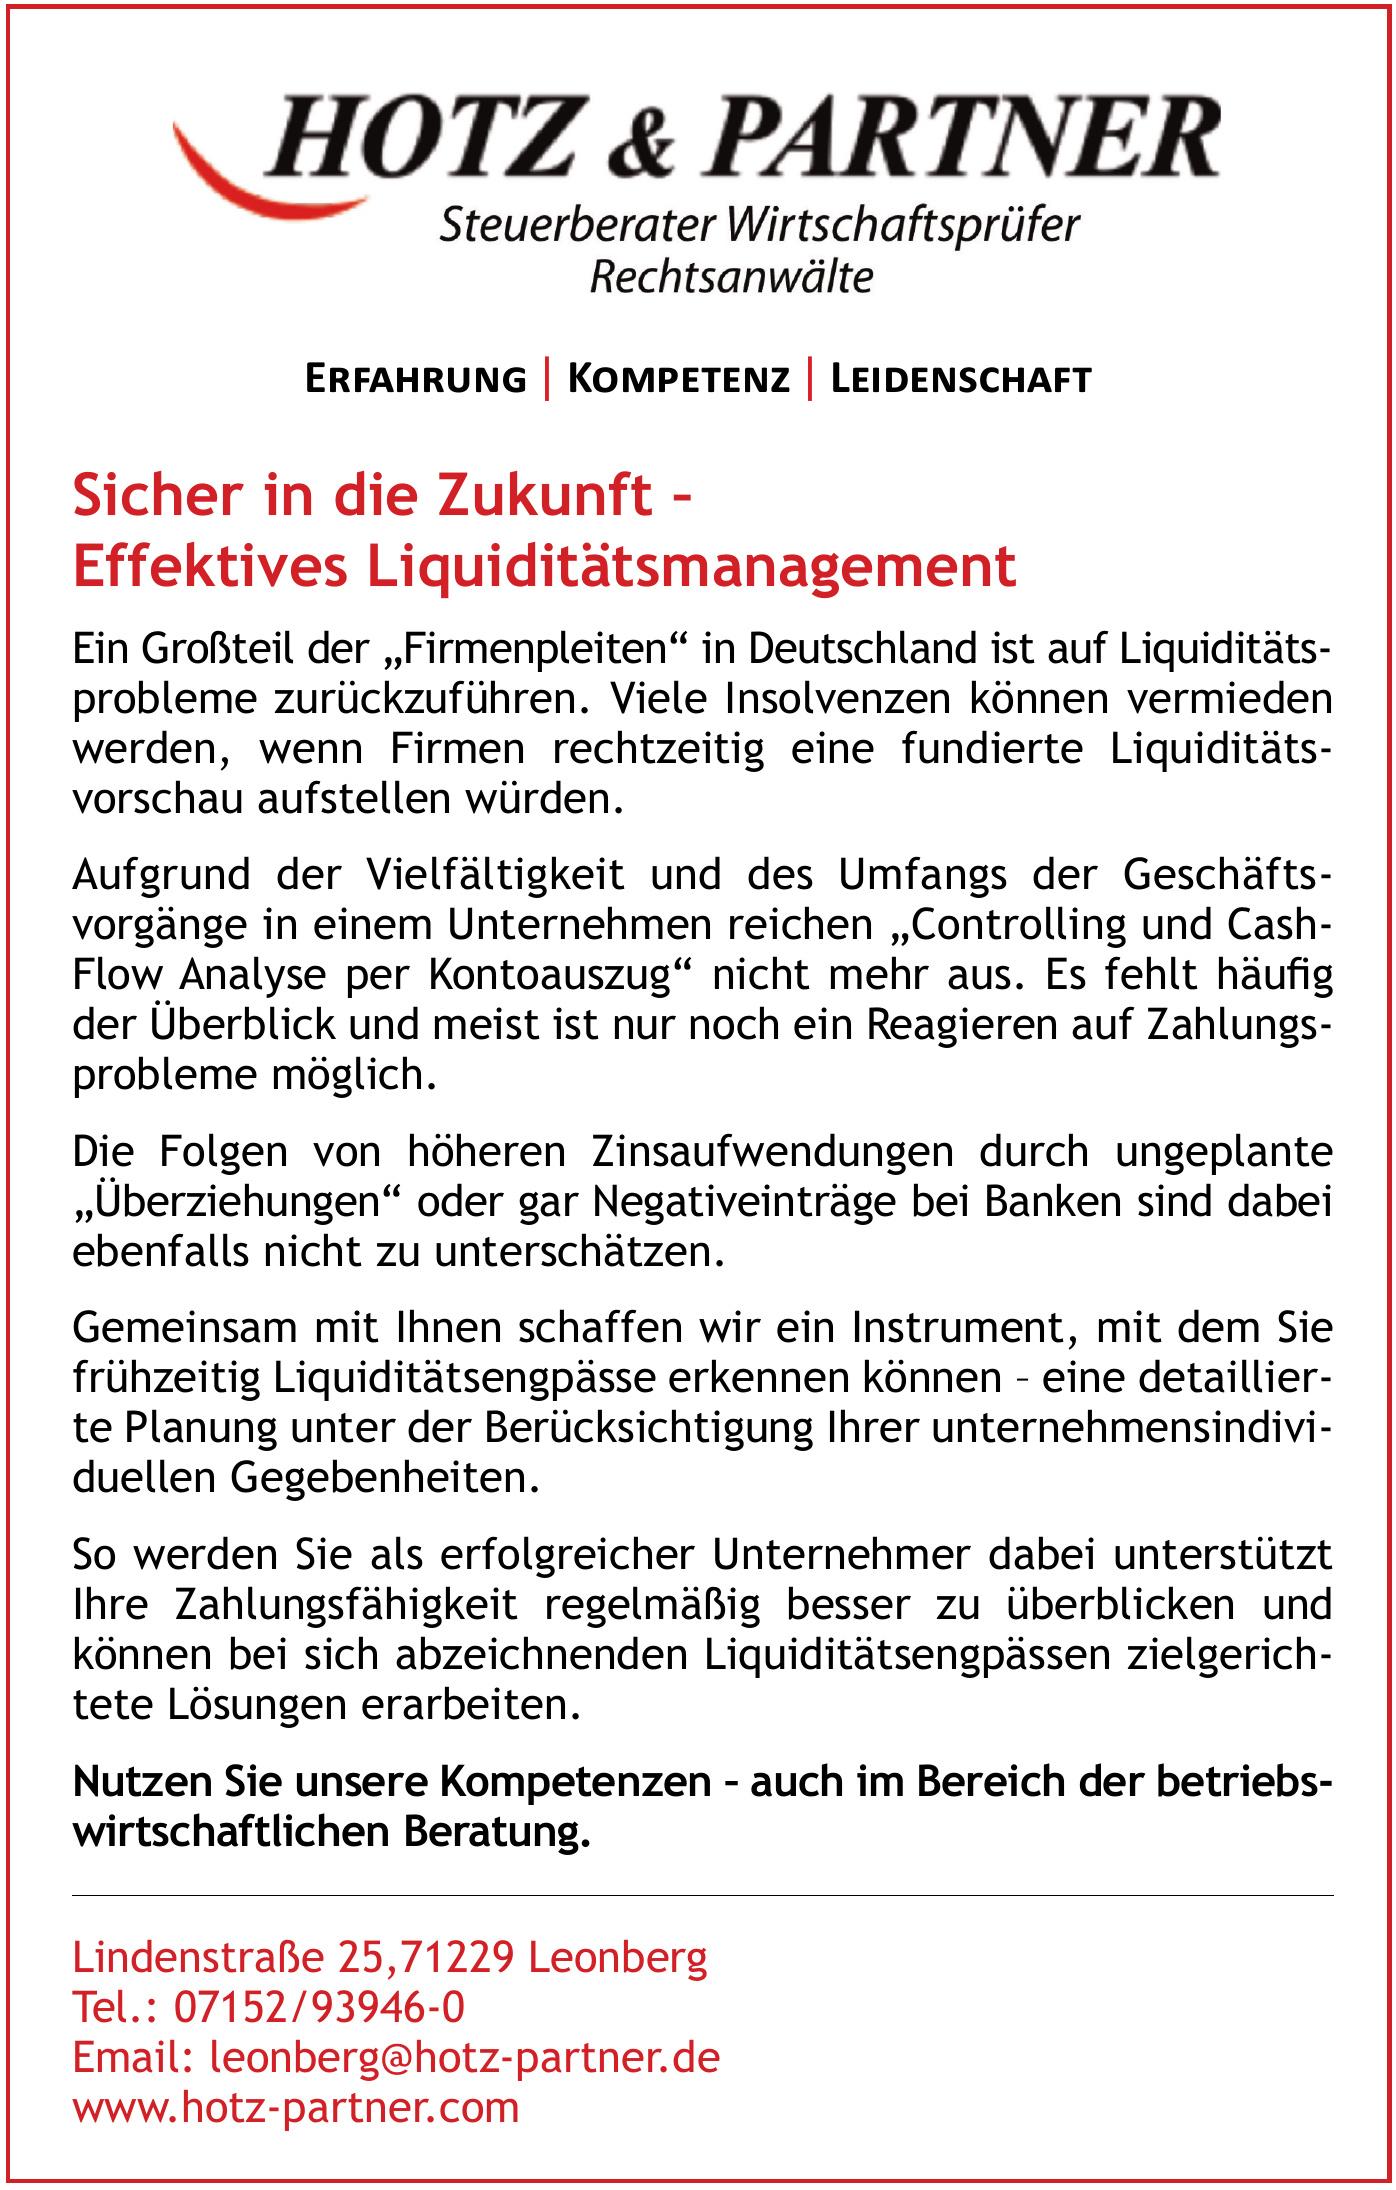 Hotz & Partner Steuerberater Wirtschaftsprüfer Rechtsanwälte